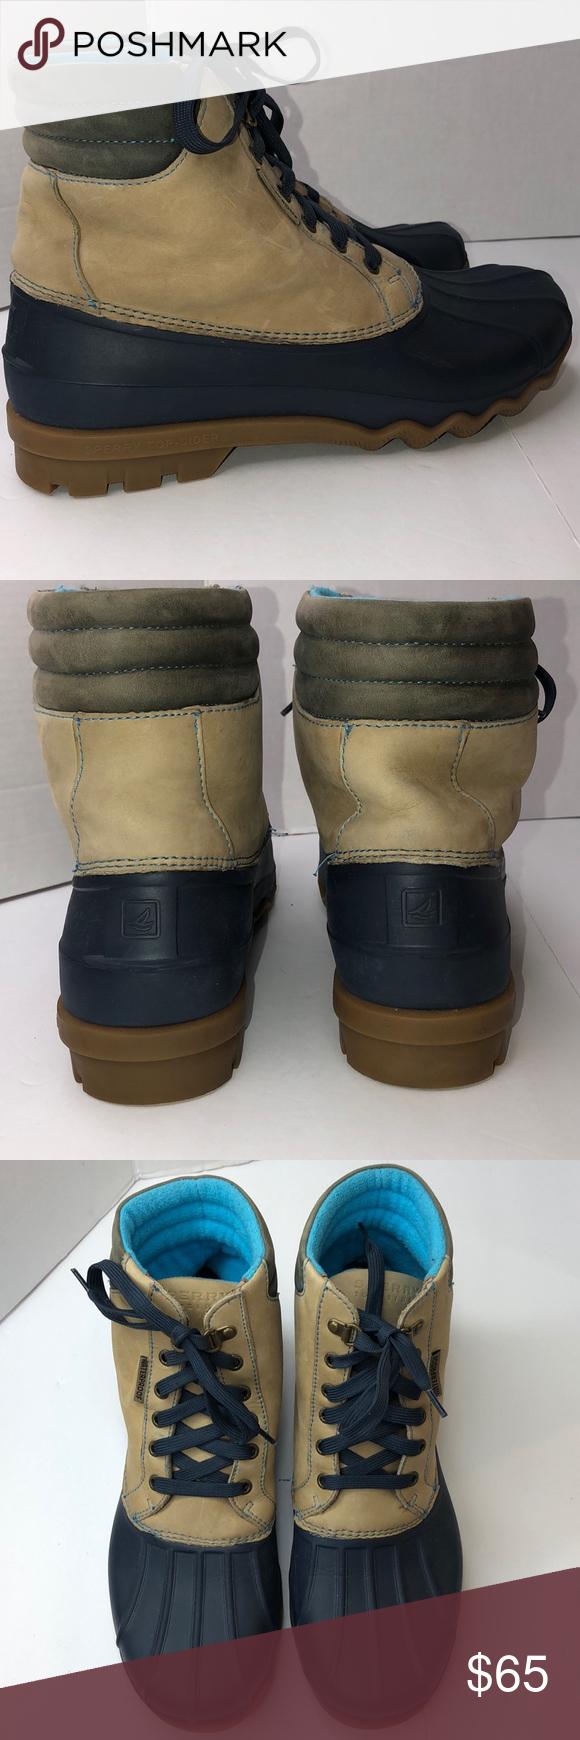 Men's Sperry Top-Sider waterproof boots Sz. 10.5M Sperry Top-Sider waterproof …